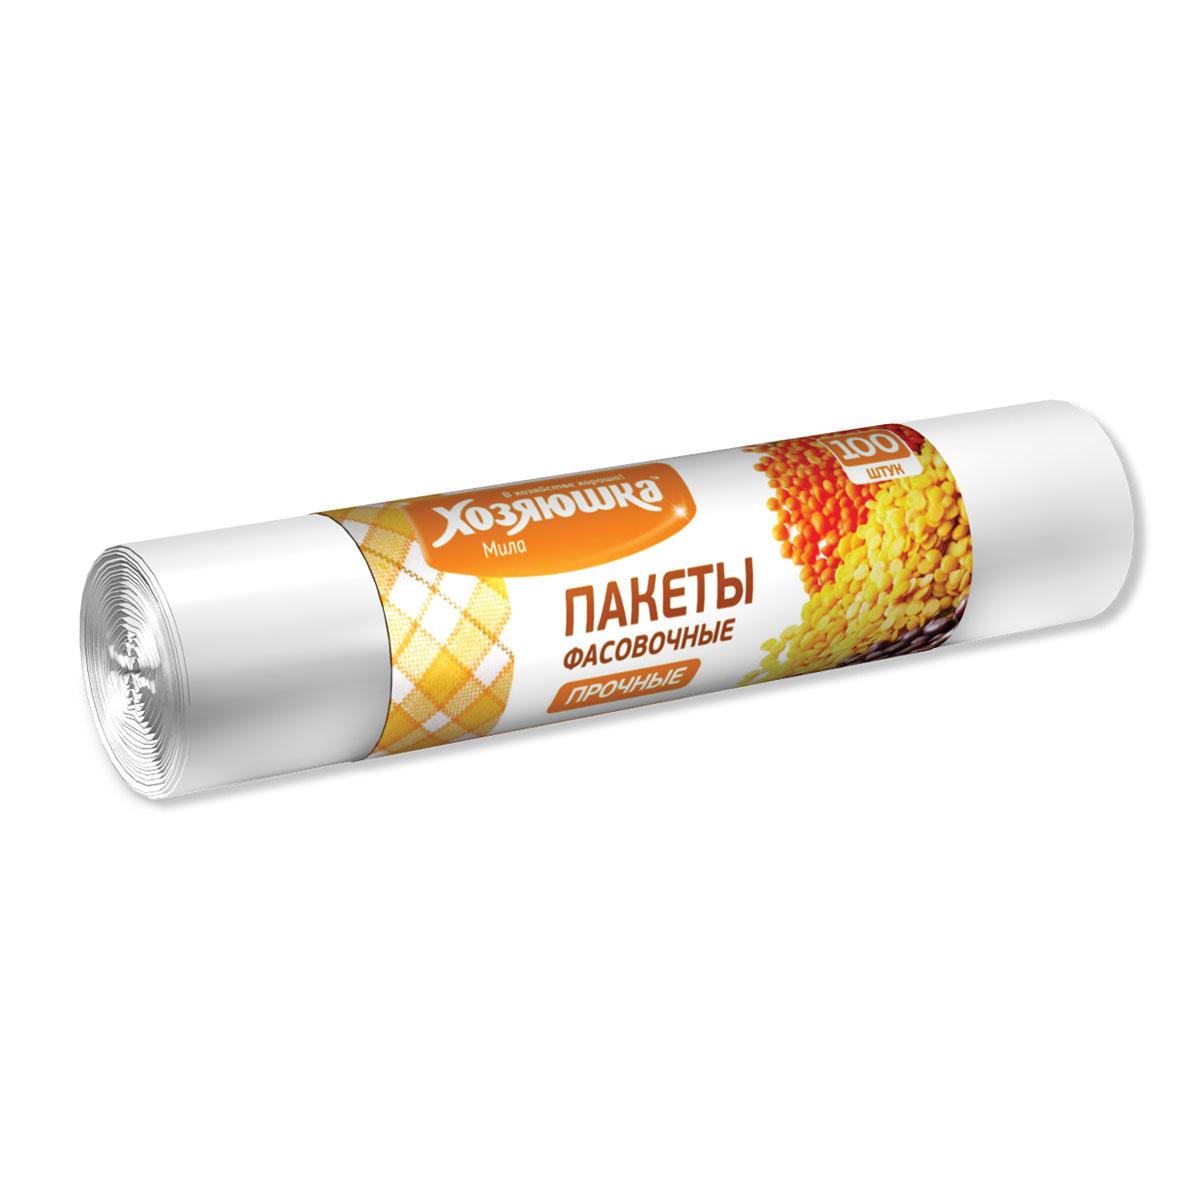 Фасовочные пакеты Хозяюшка Мила, 25 см х 36 см, 100 шт09012Фасовочные пакеты Хозяюшка Мила являются предметами первой необходимости, помогают разложить нужные вам вещи так, чтобы было удобно. Фасовочные пакеты - это самый распространенный, удобный и практичный вид современной упаковки, предназначенный для хранения и транспортировки практически всех видов пищевых и непродовольственных товаров.